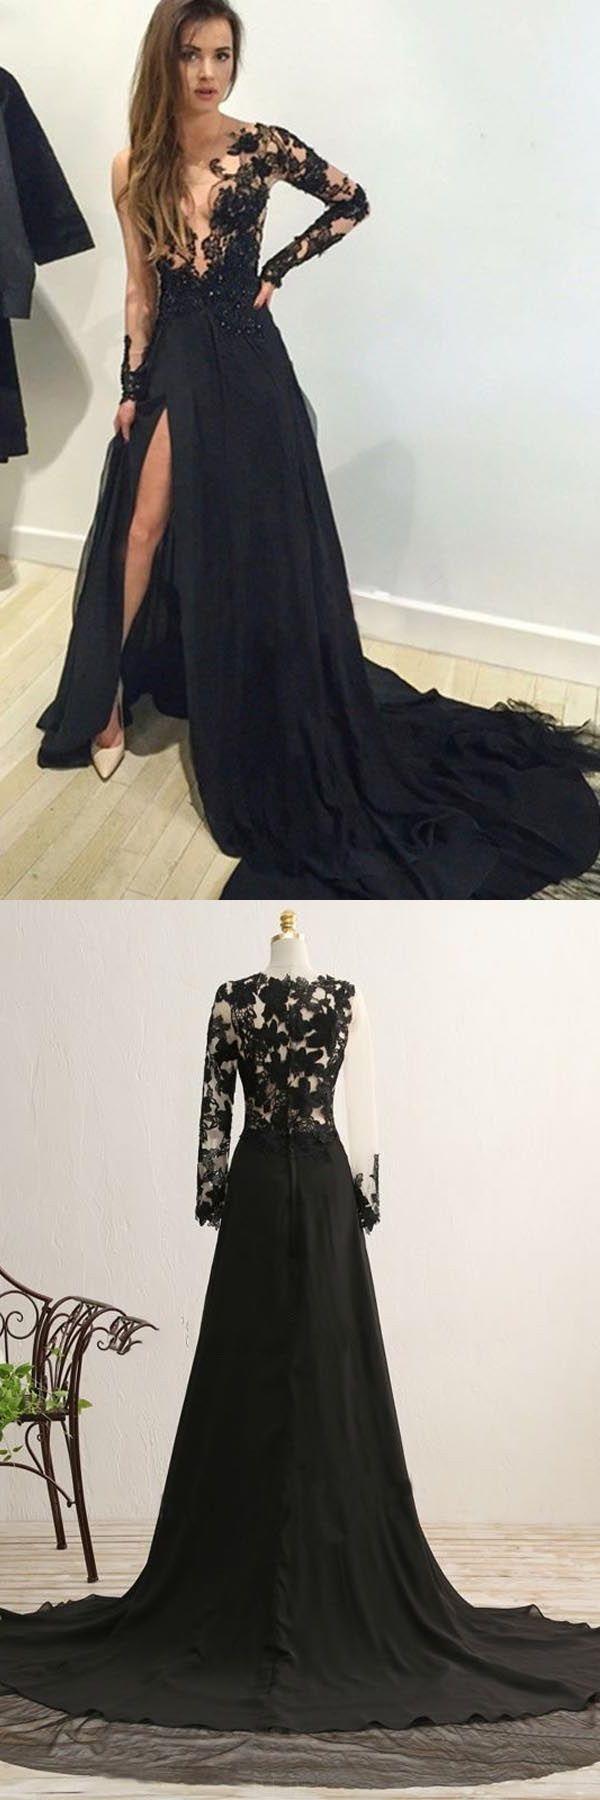 ALine Prom Dress  Evening Dress Appliques Prom Dress Prom